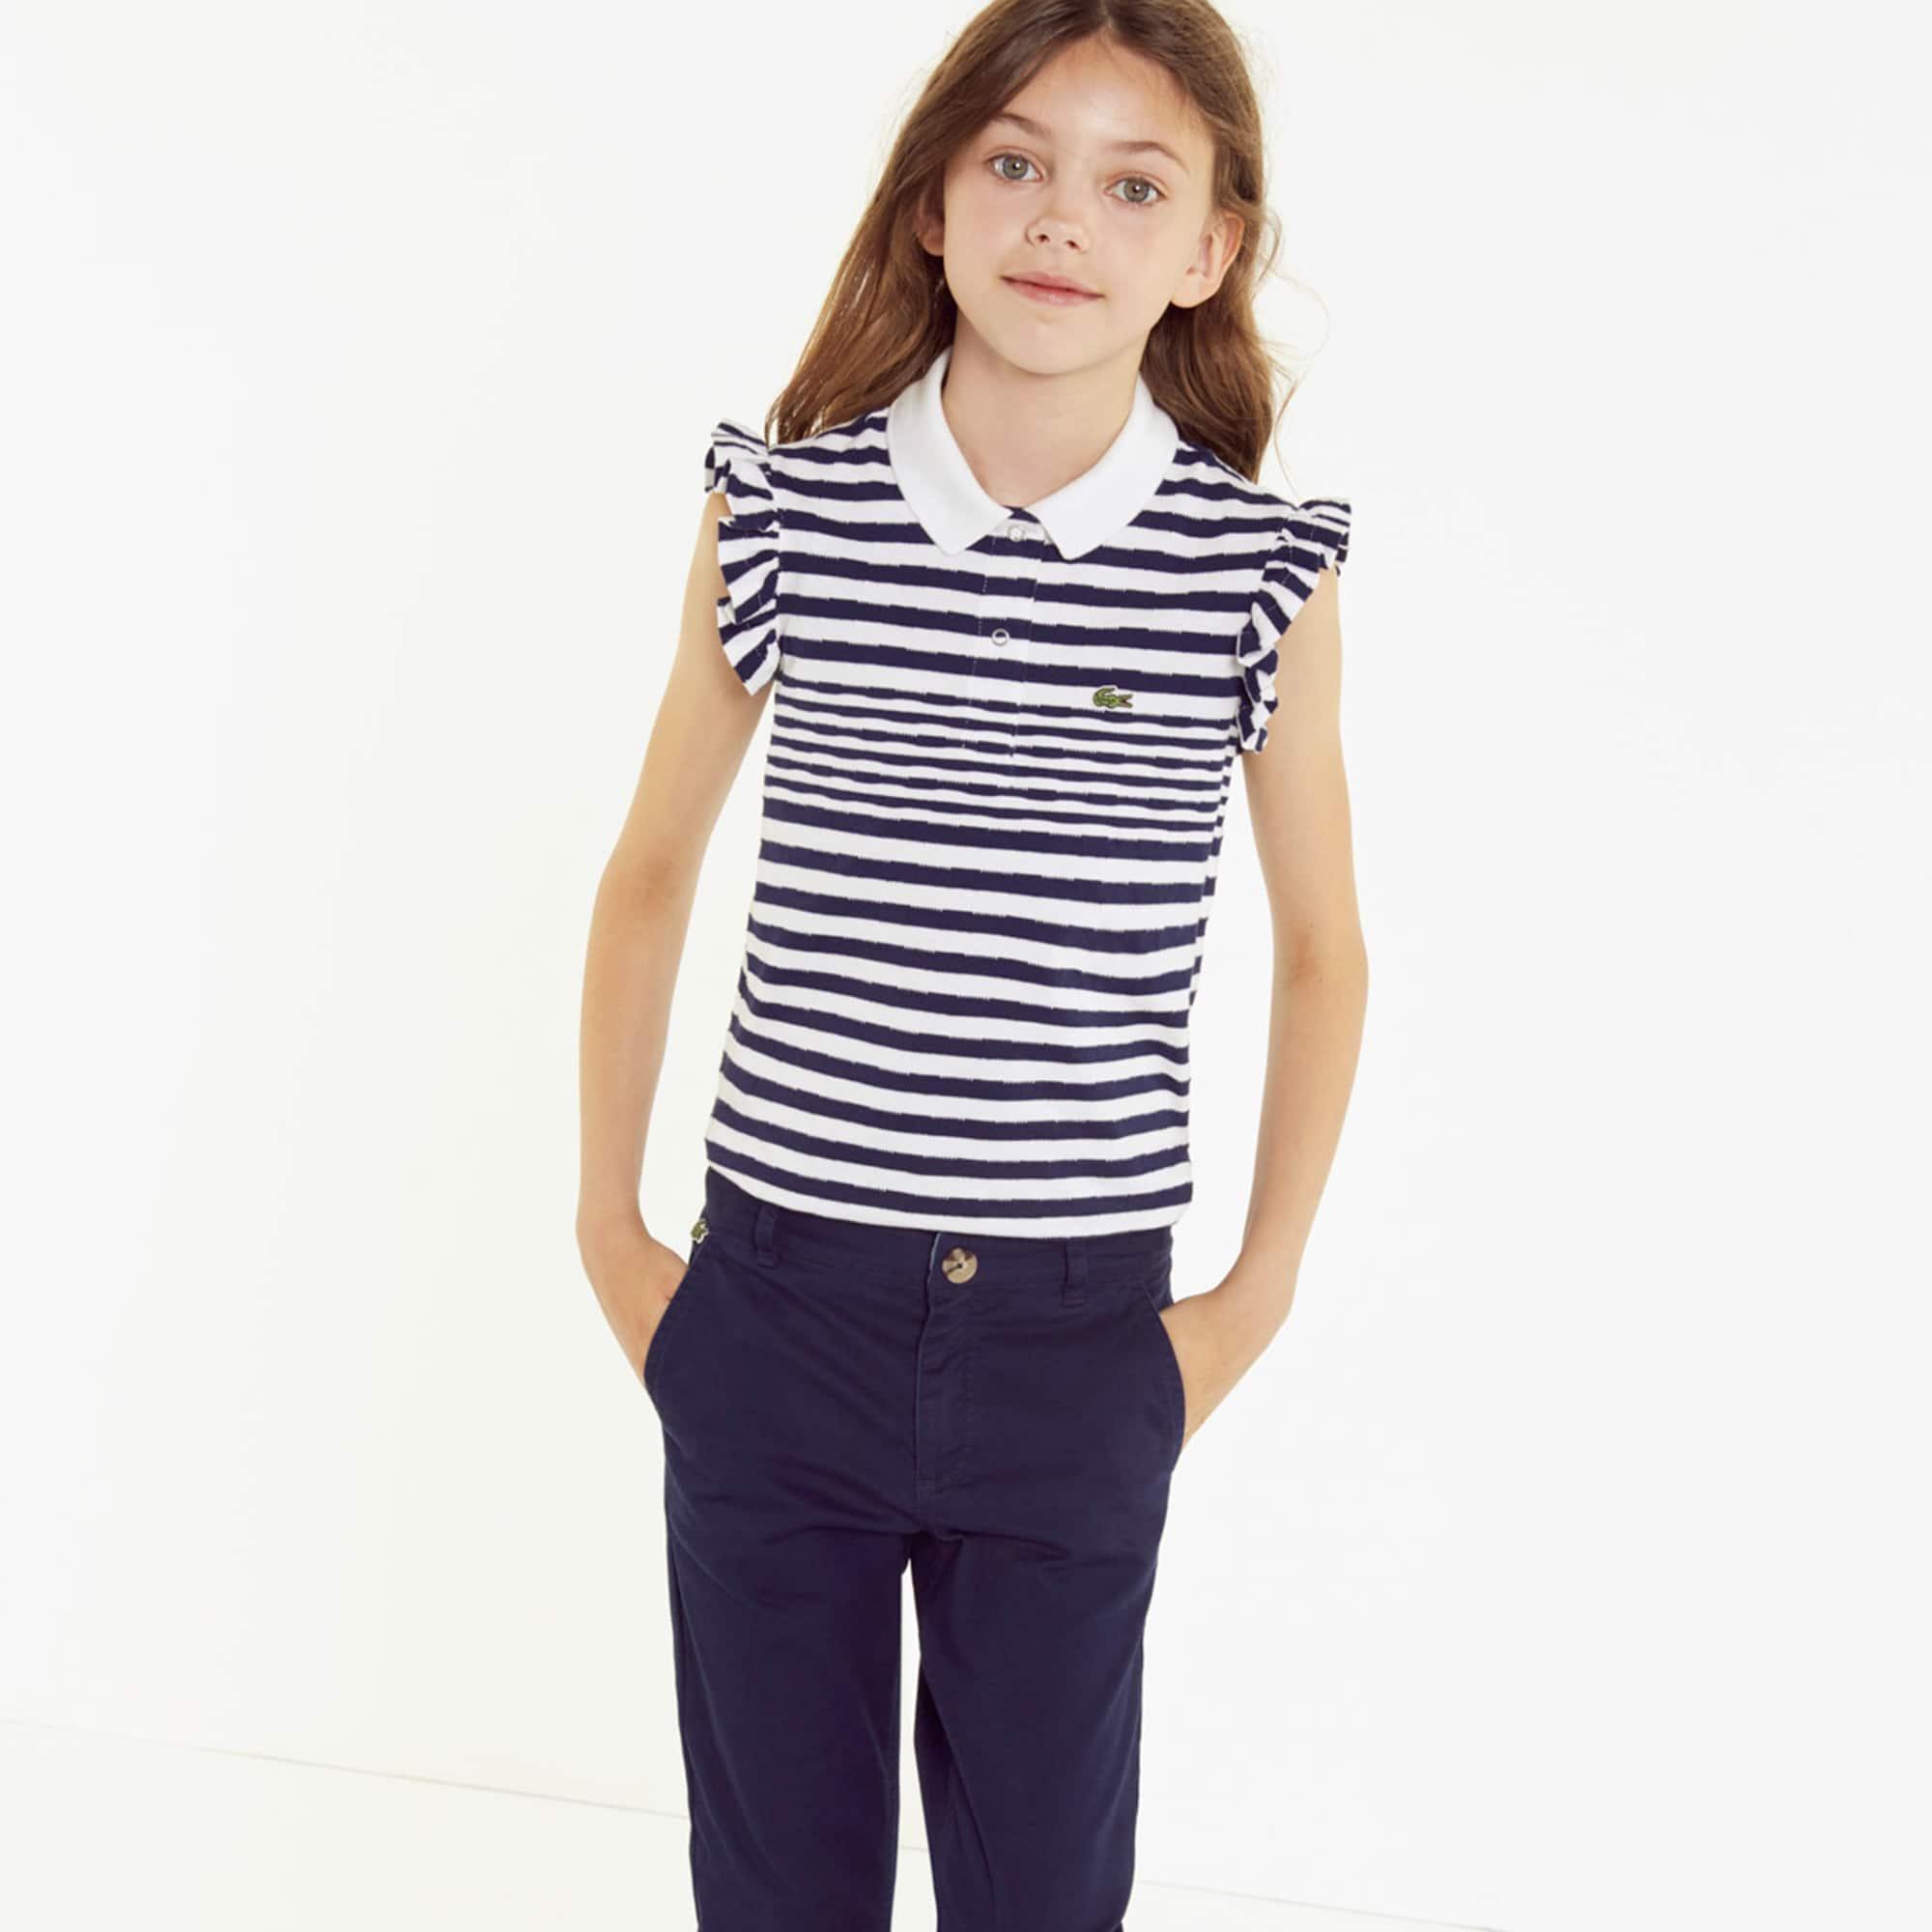 ed40c3c2090a2 Girl s Clothing